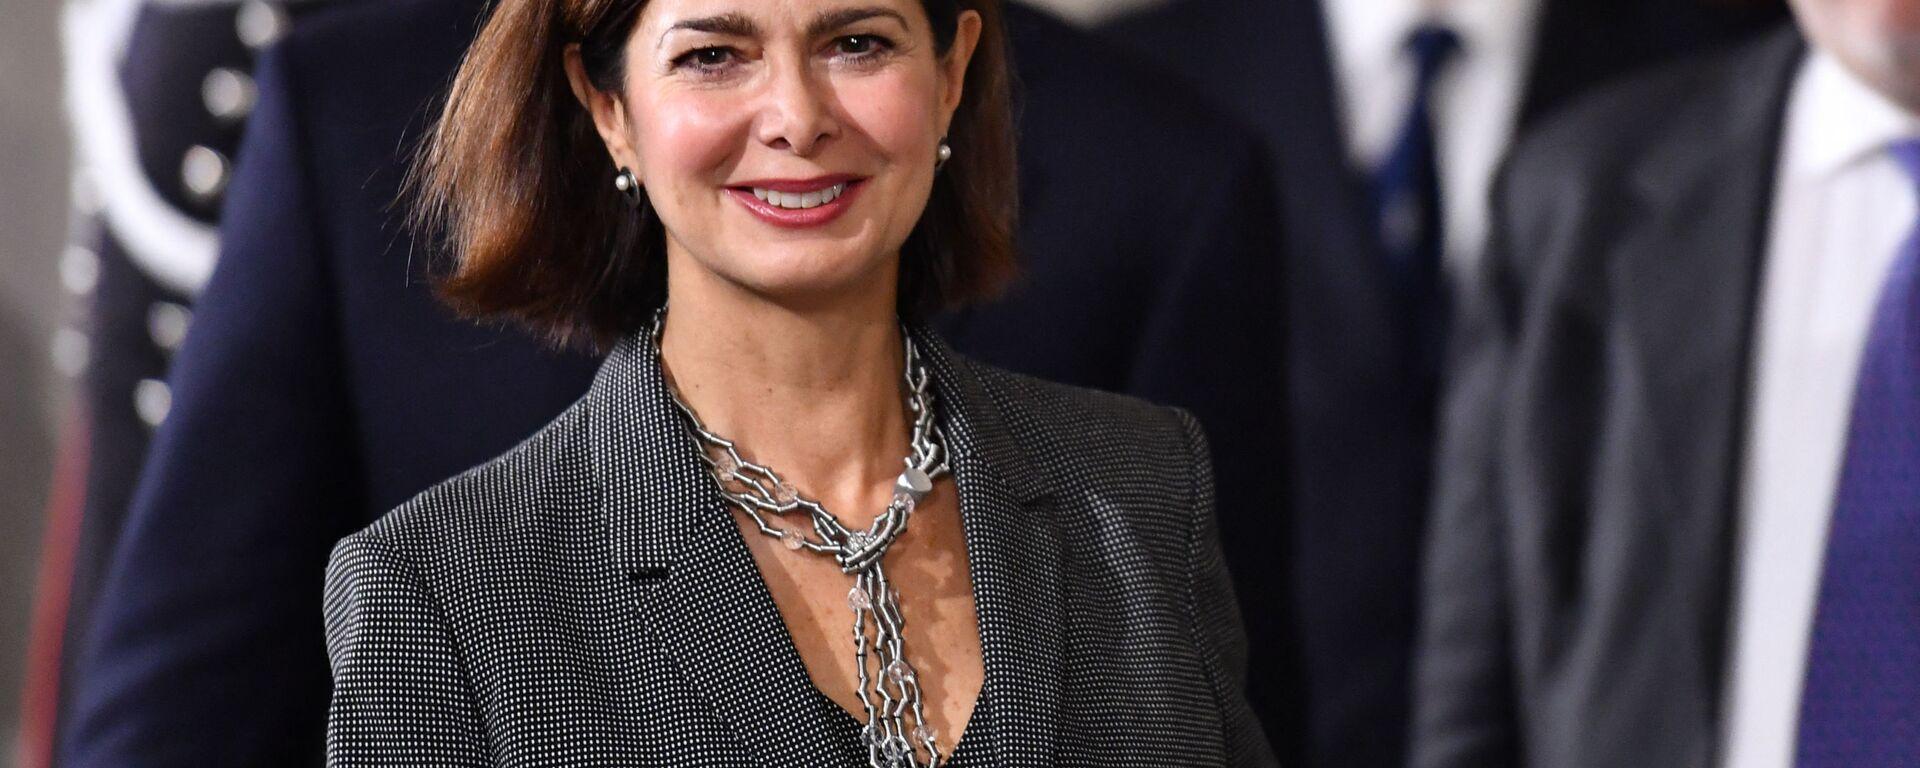 Laura Boldrini, politica italiana, già funzionaria internazionale delle Nazioni Unite e Presidente della Camera dei deputati - Sputnik Italia, 1920, 19.07.2021